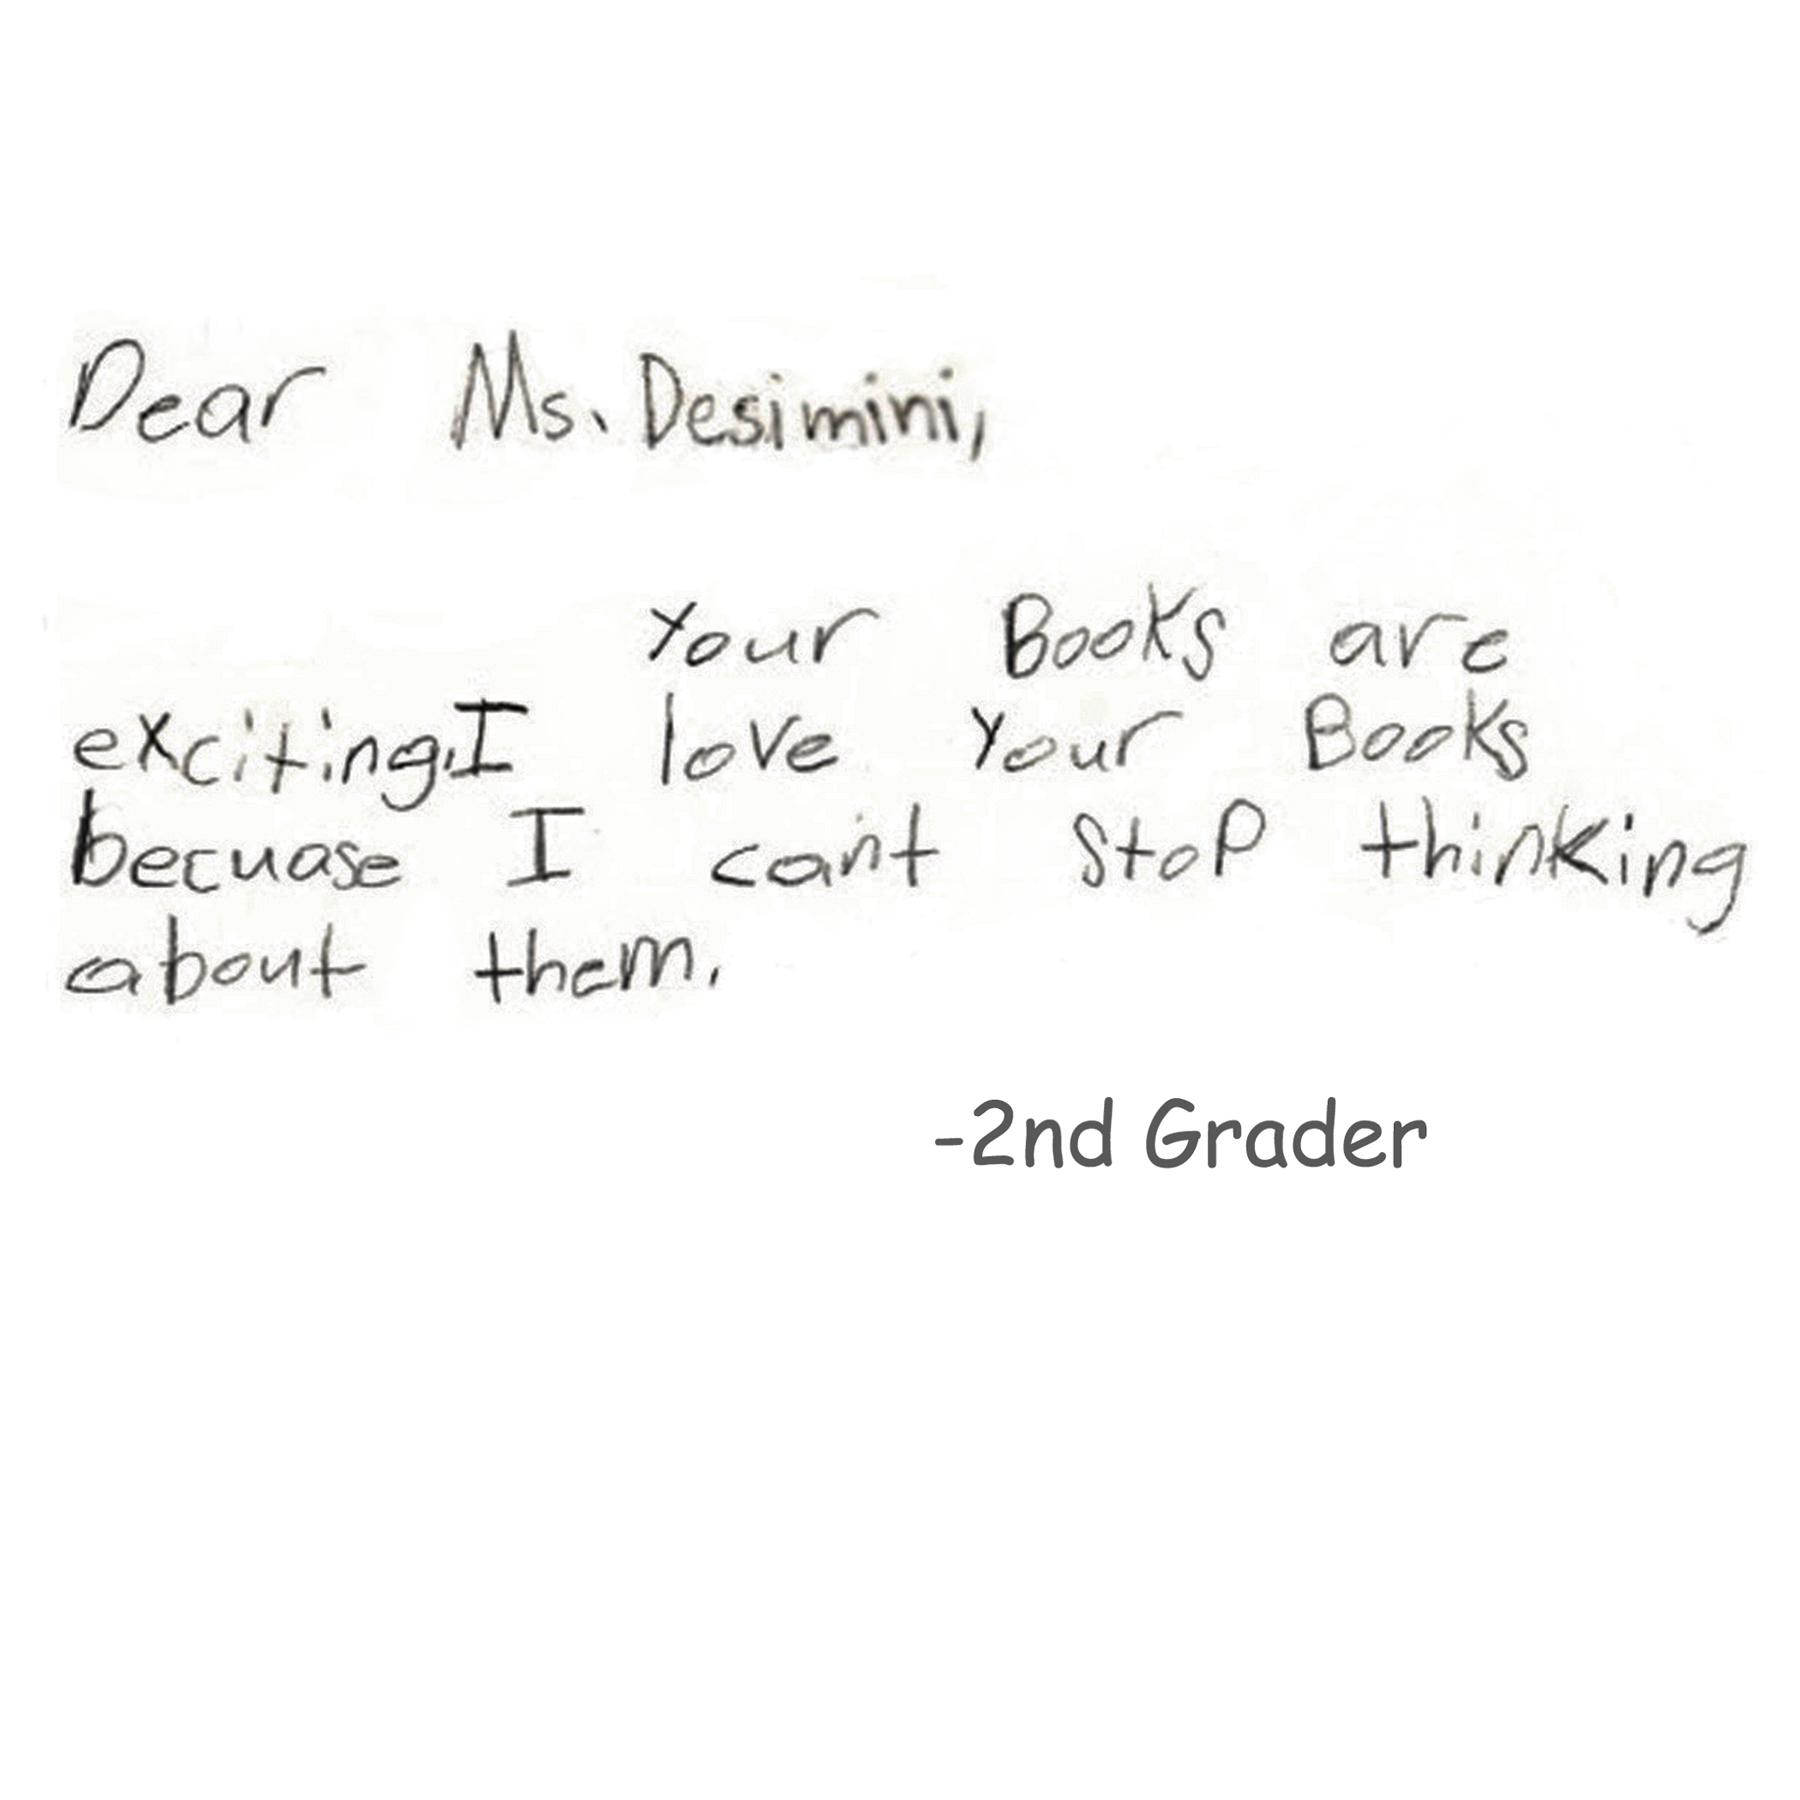 2nd grader.jpg